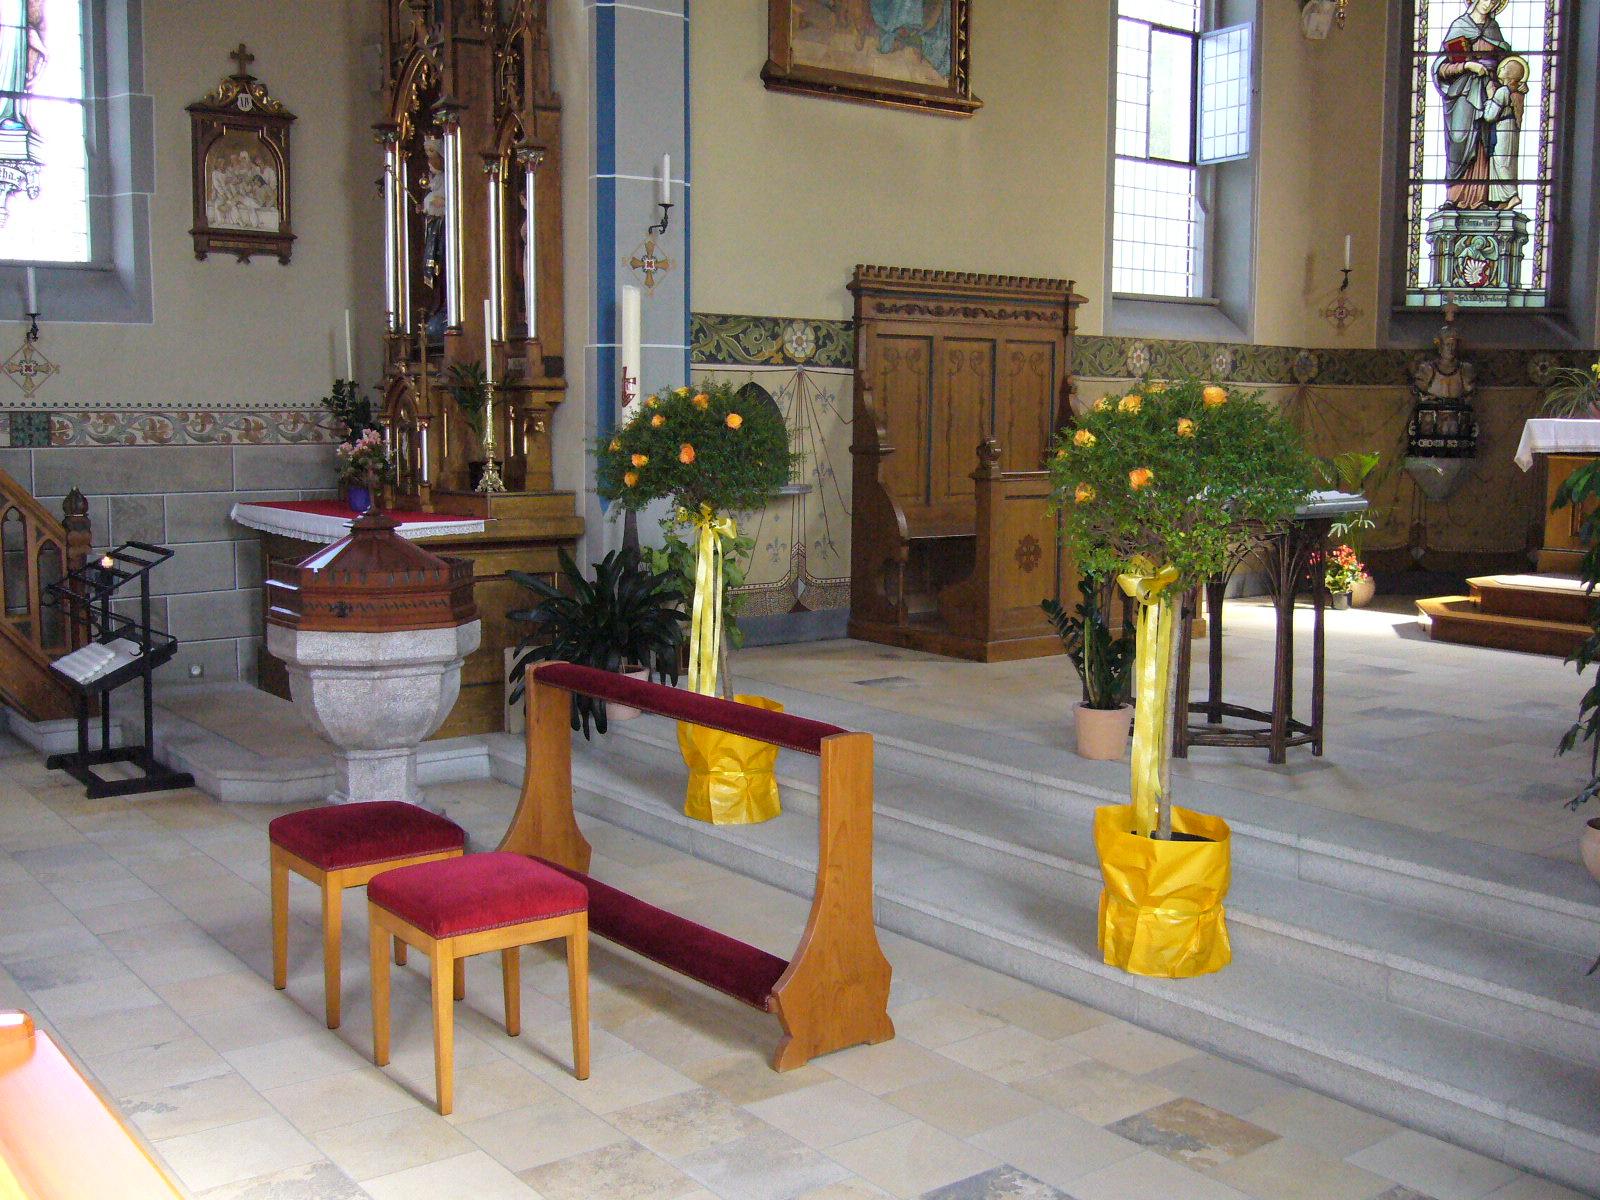 Chor St. Blasius